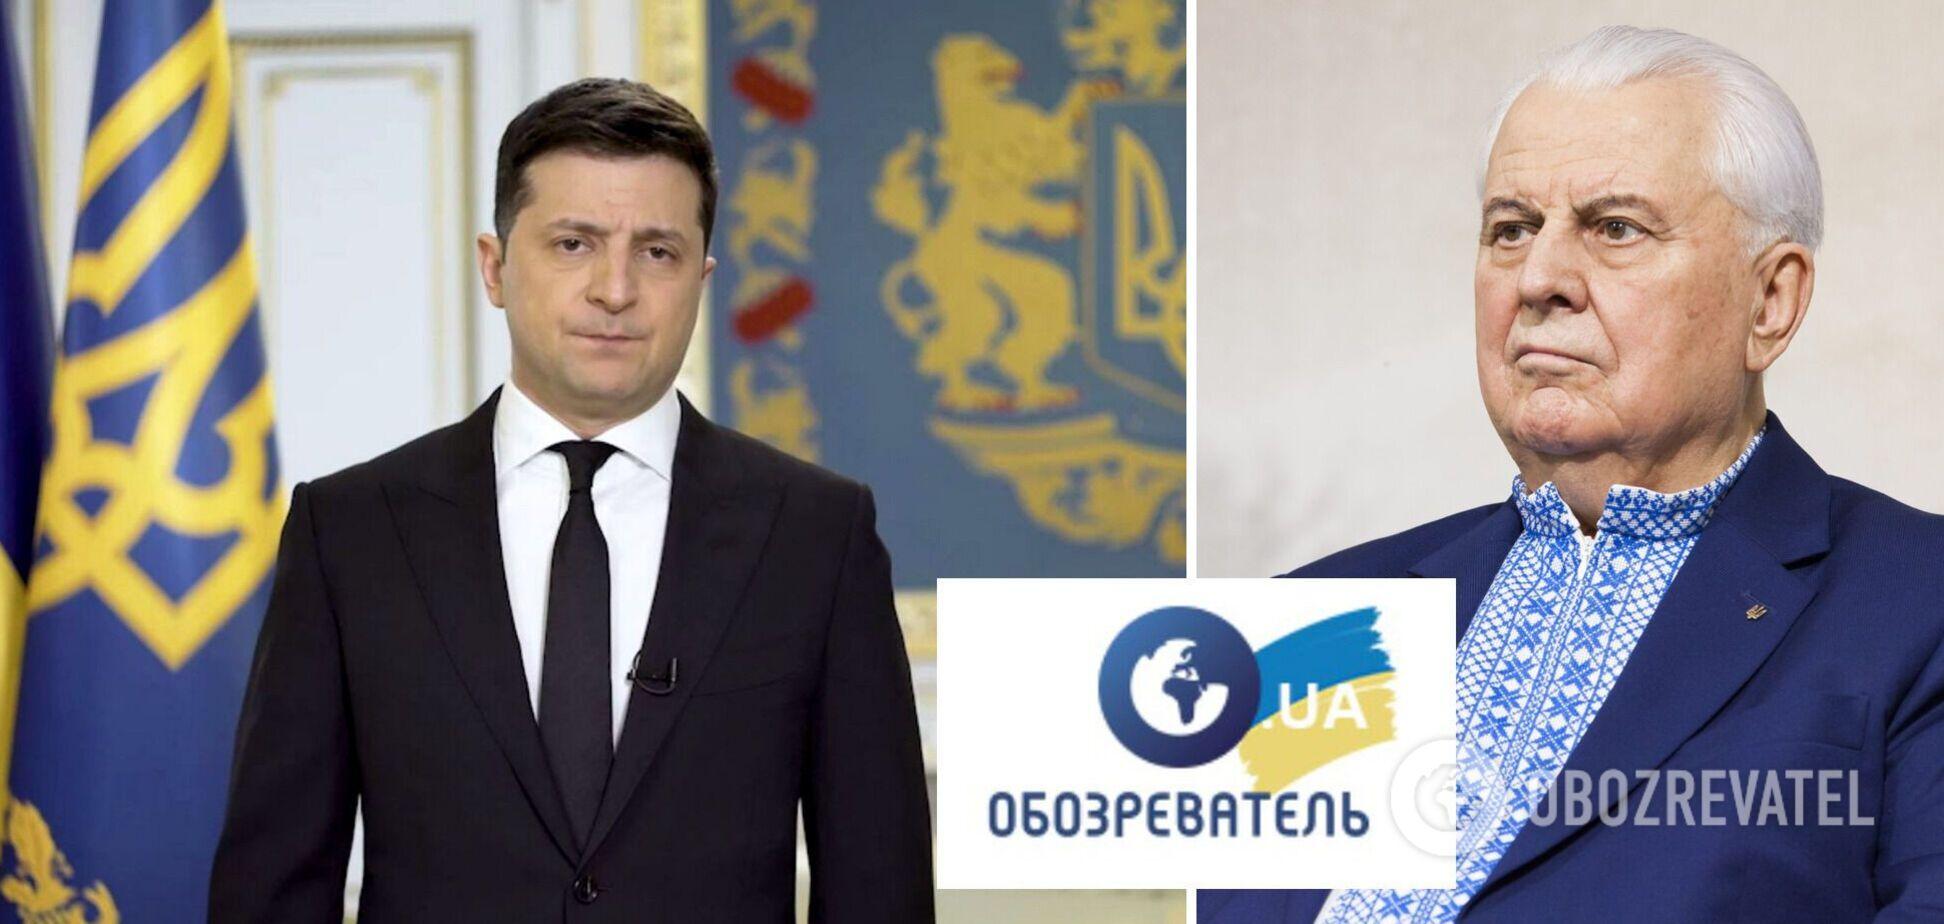 Новини України: розкрито нові деталі переговорів Зеленського з Байденом, а Кравчук висунув ультиматум росіянам у ТКГ